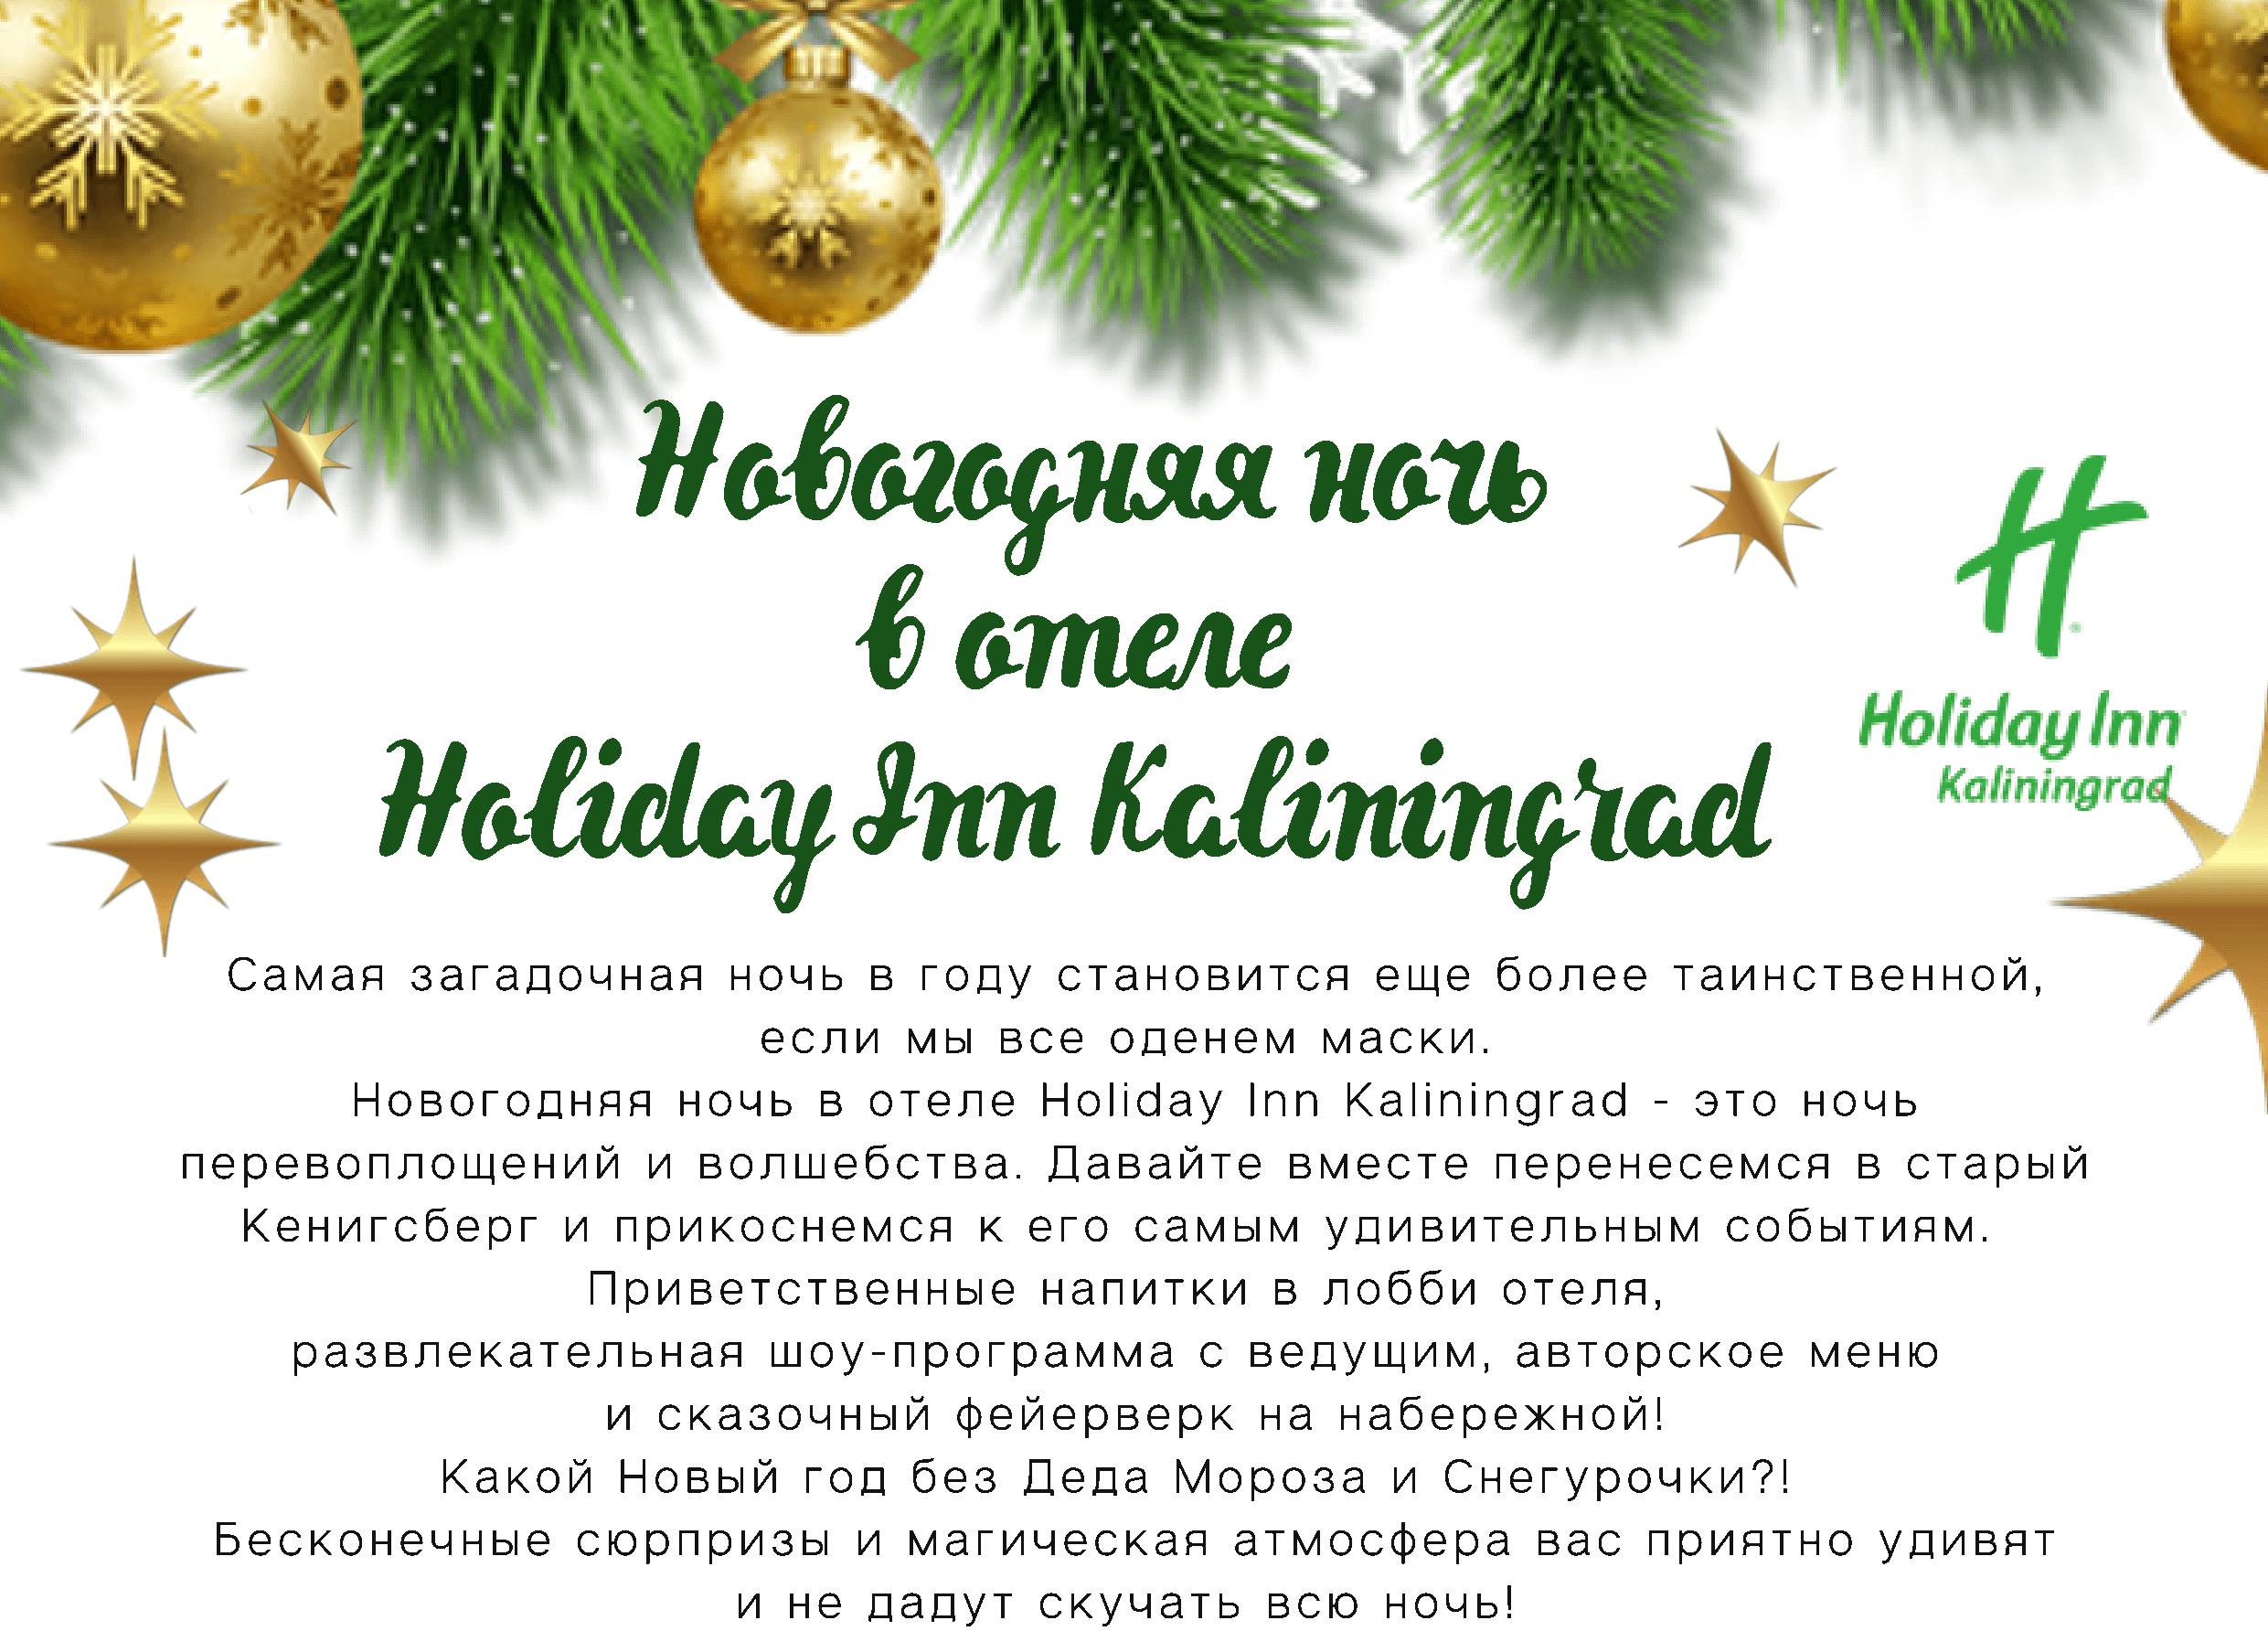 Афиша новогодней ночи в гостинице Holiday Inn Kaliningrad